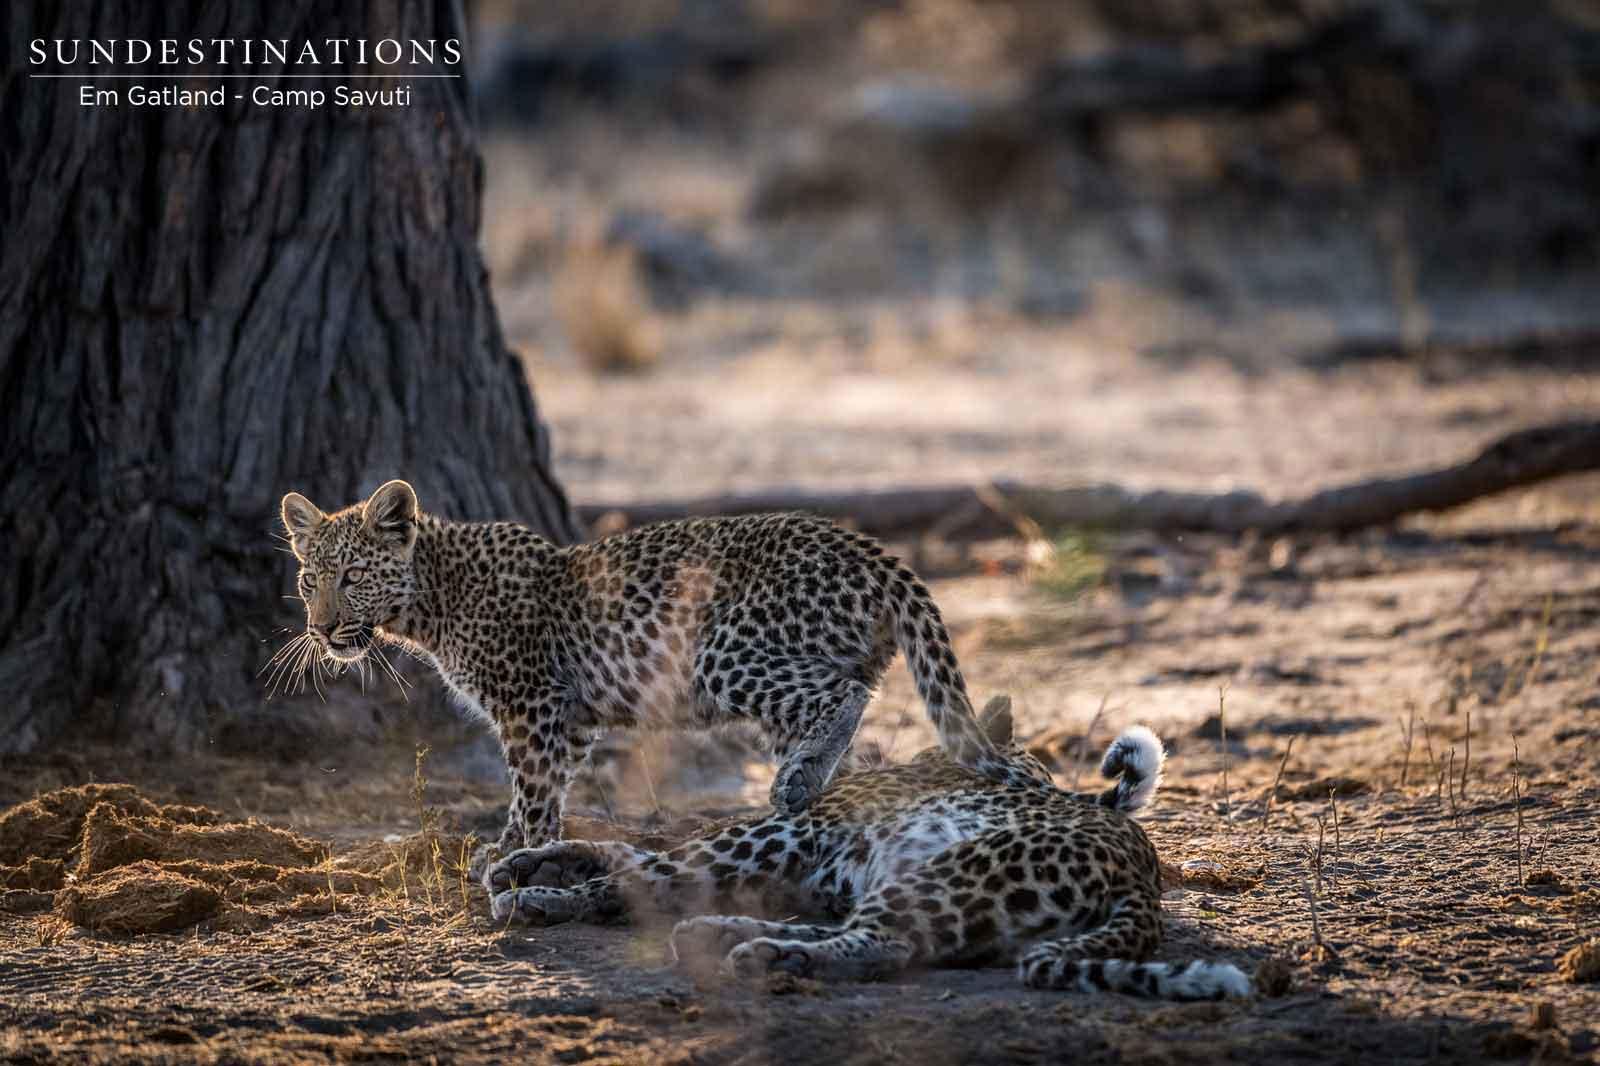 Leopard and Cub in Savuti